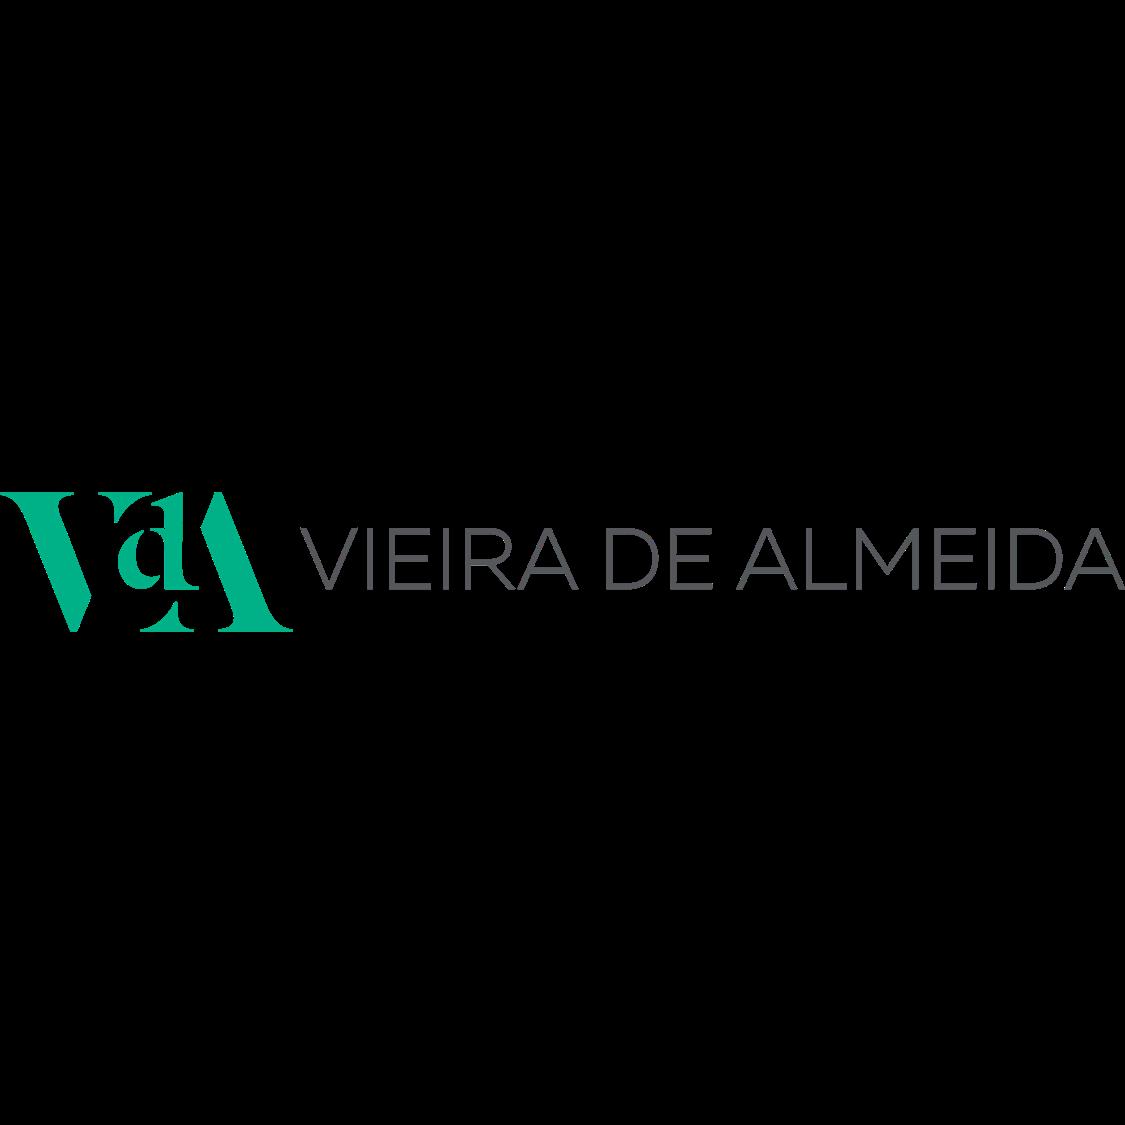 Vieira de Almeida LP